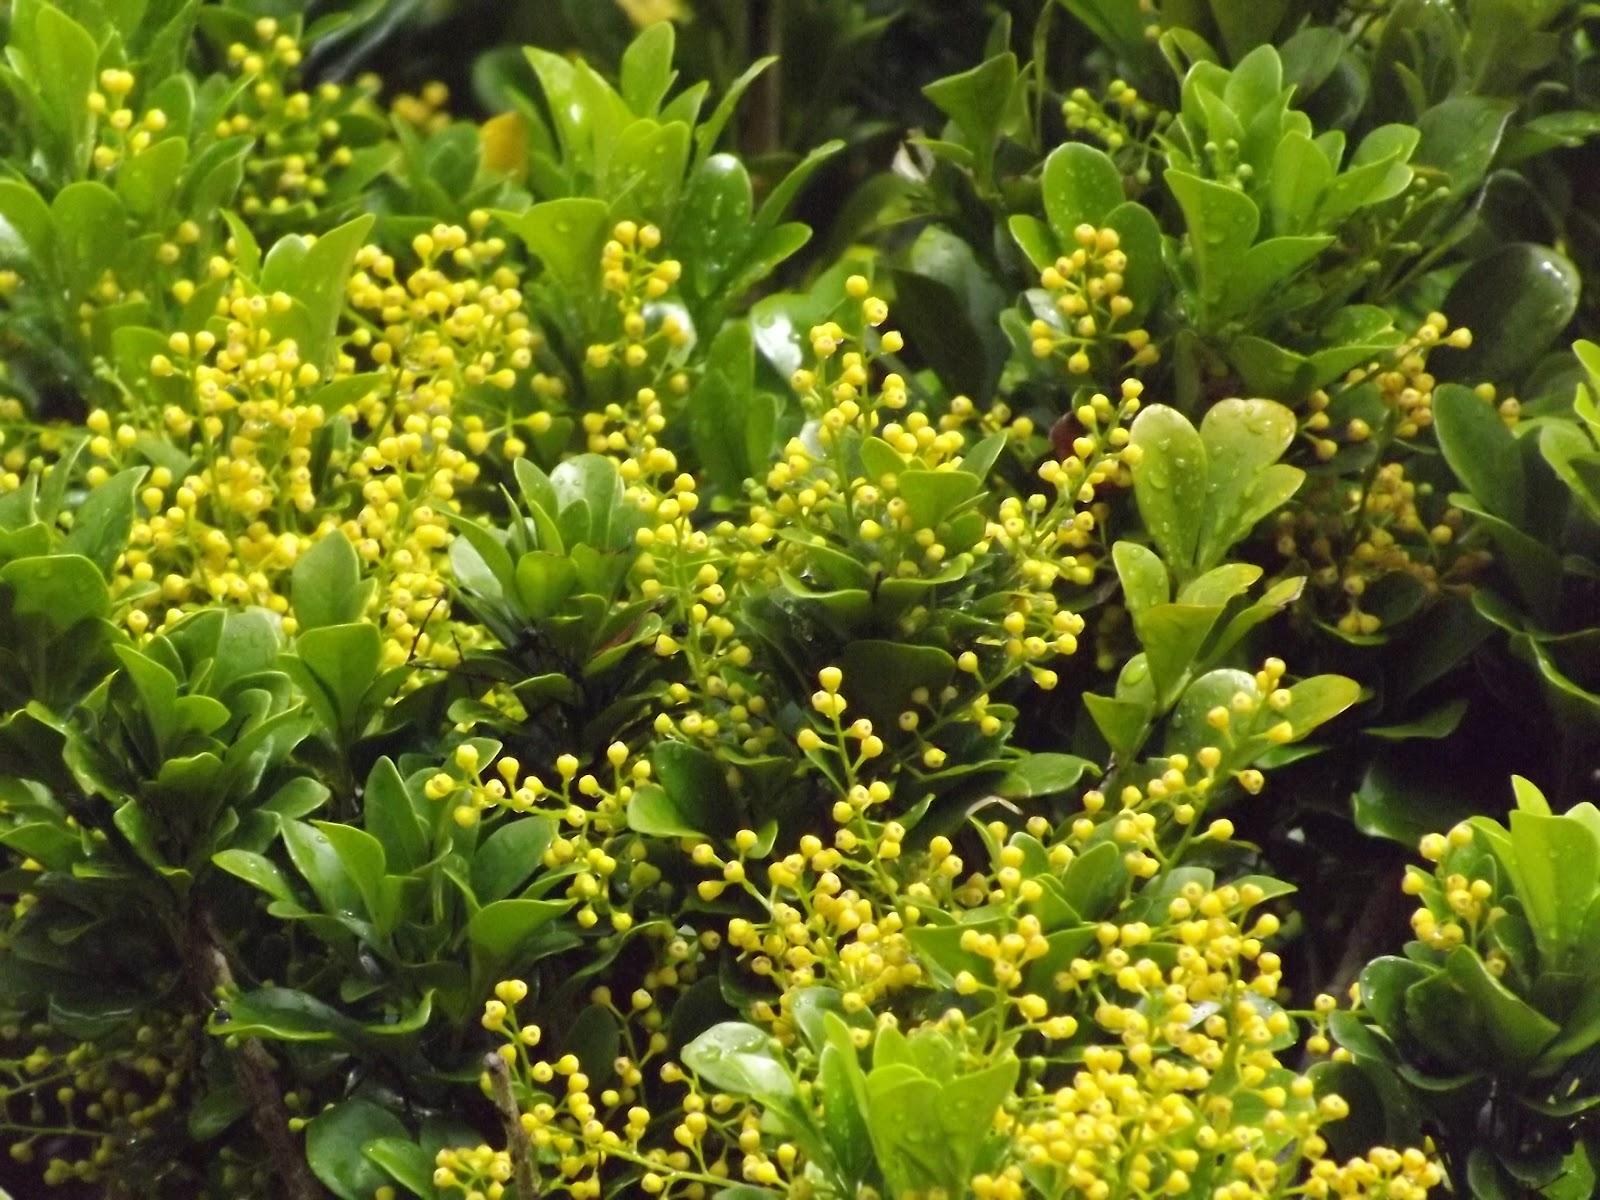 Anya's Garden Perfumes: Ask the Perfumer Sunday May 6, 2012